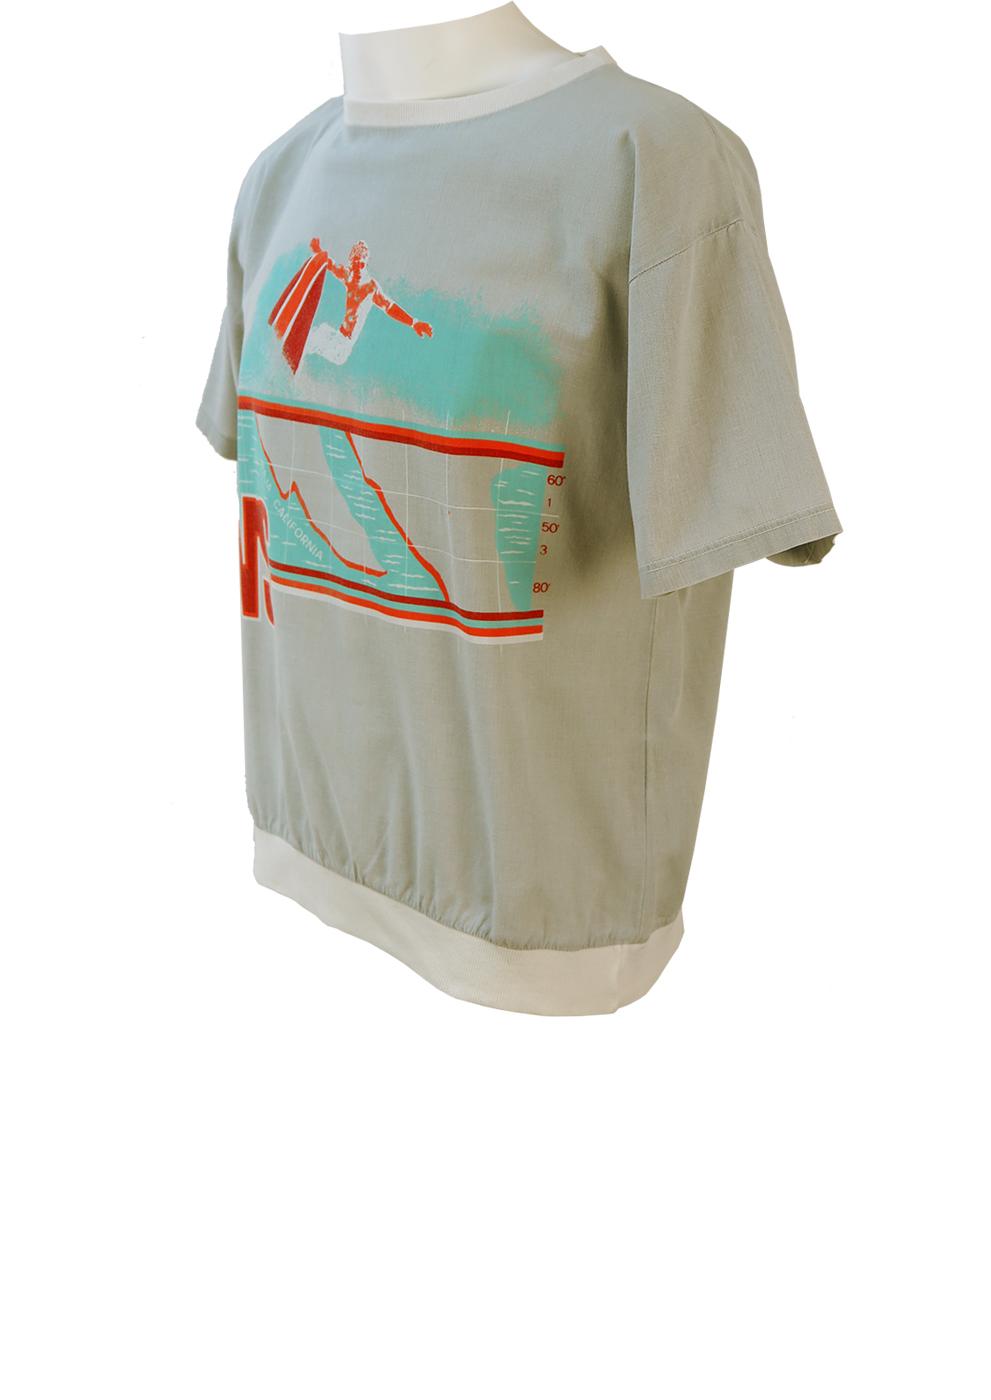 Grey Short Sleeved Shirt T Shirt With Orange Amp Blue